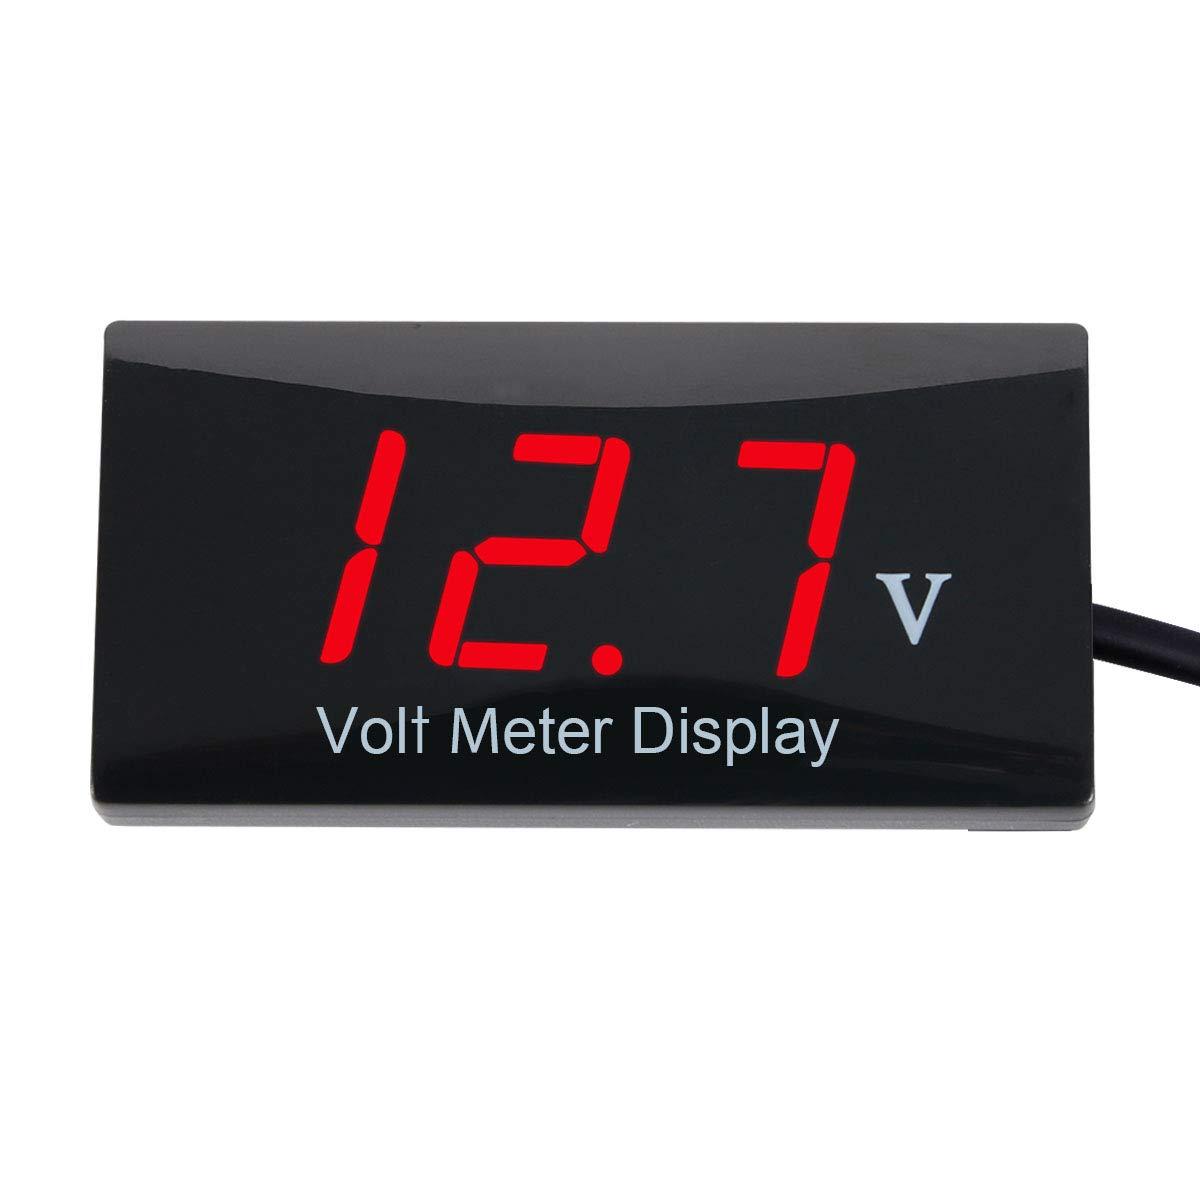 Zealforth DC 12V Digital Voltmeter - LED Display Voltage Volt Meter Gauge for Car Motorcycle (red) by Zealforth